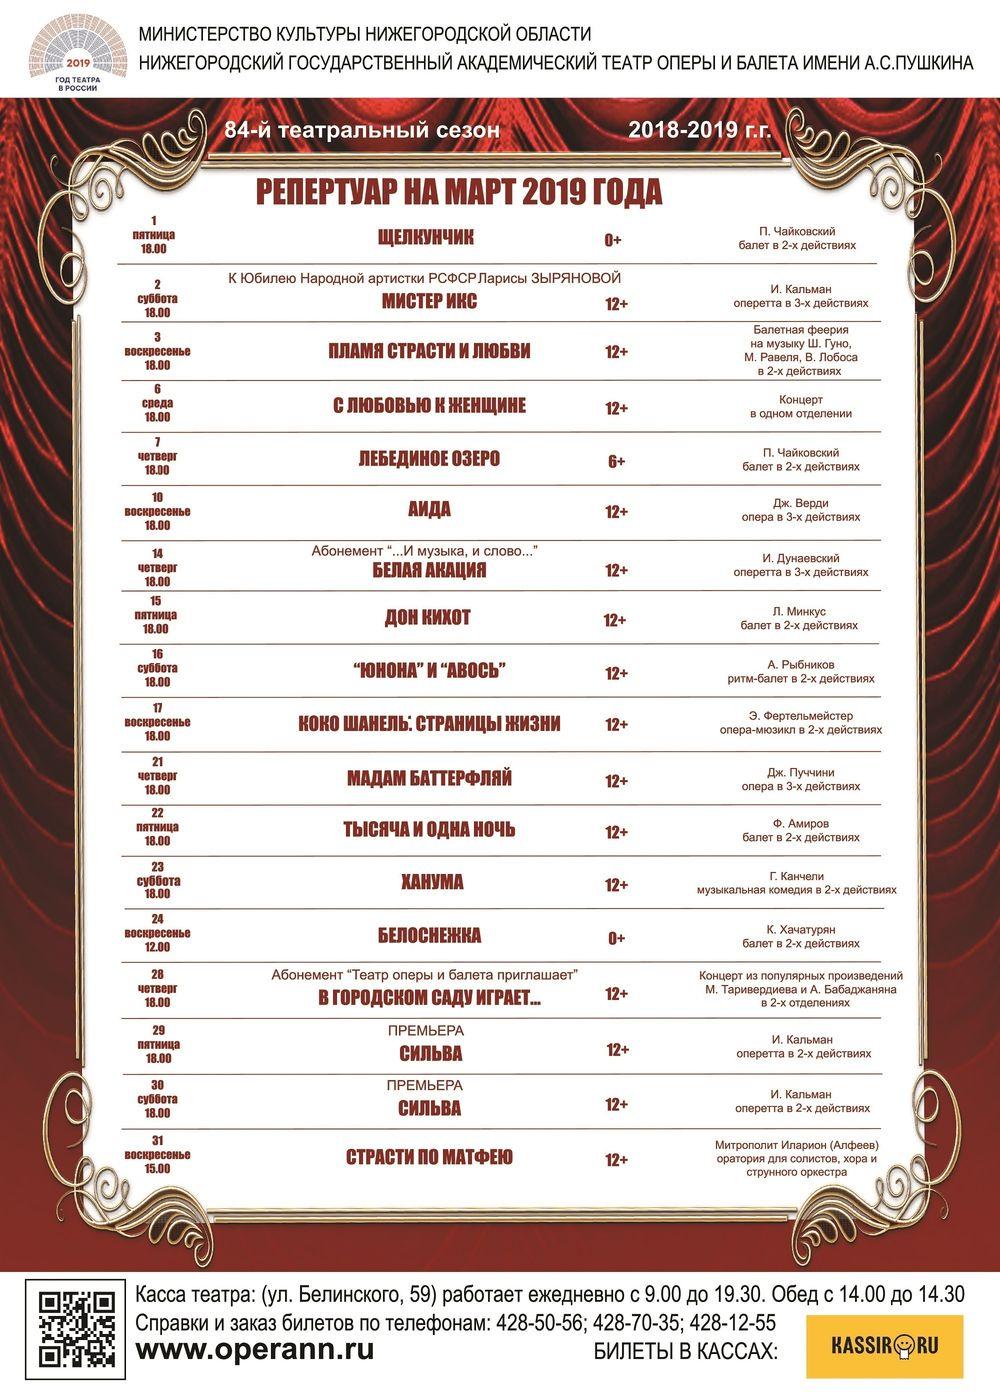 билеты в нижегородский театр оперы и балета